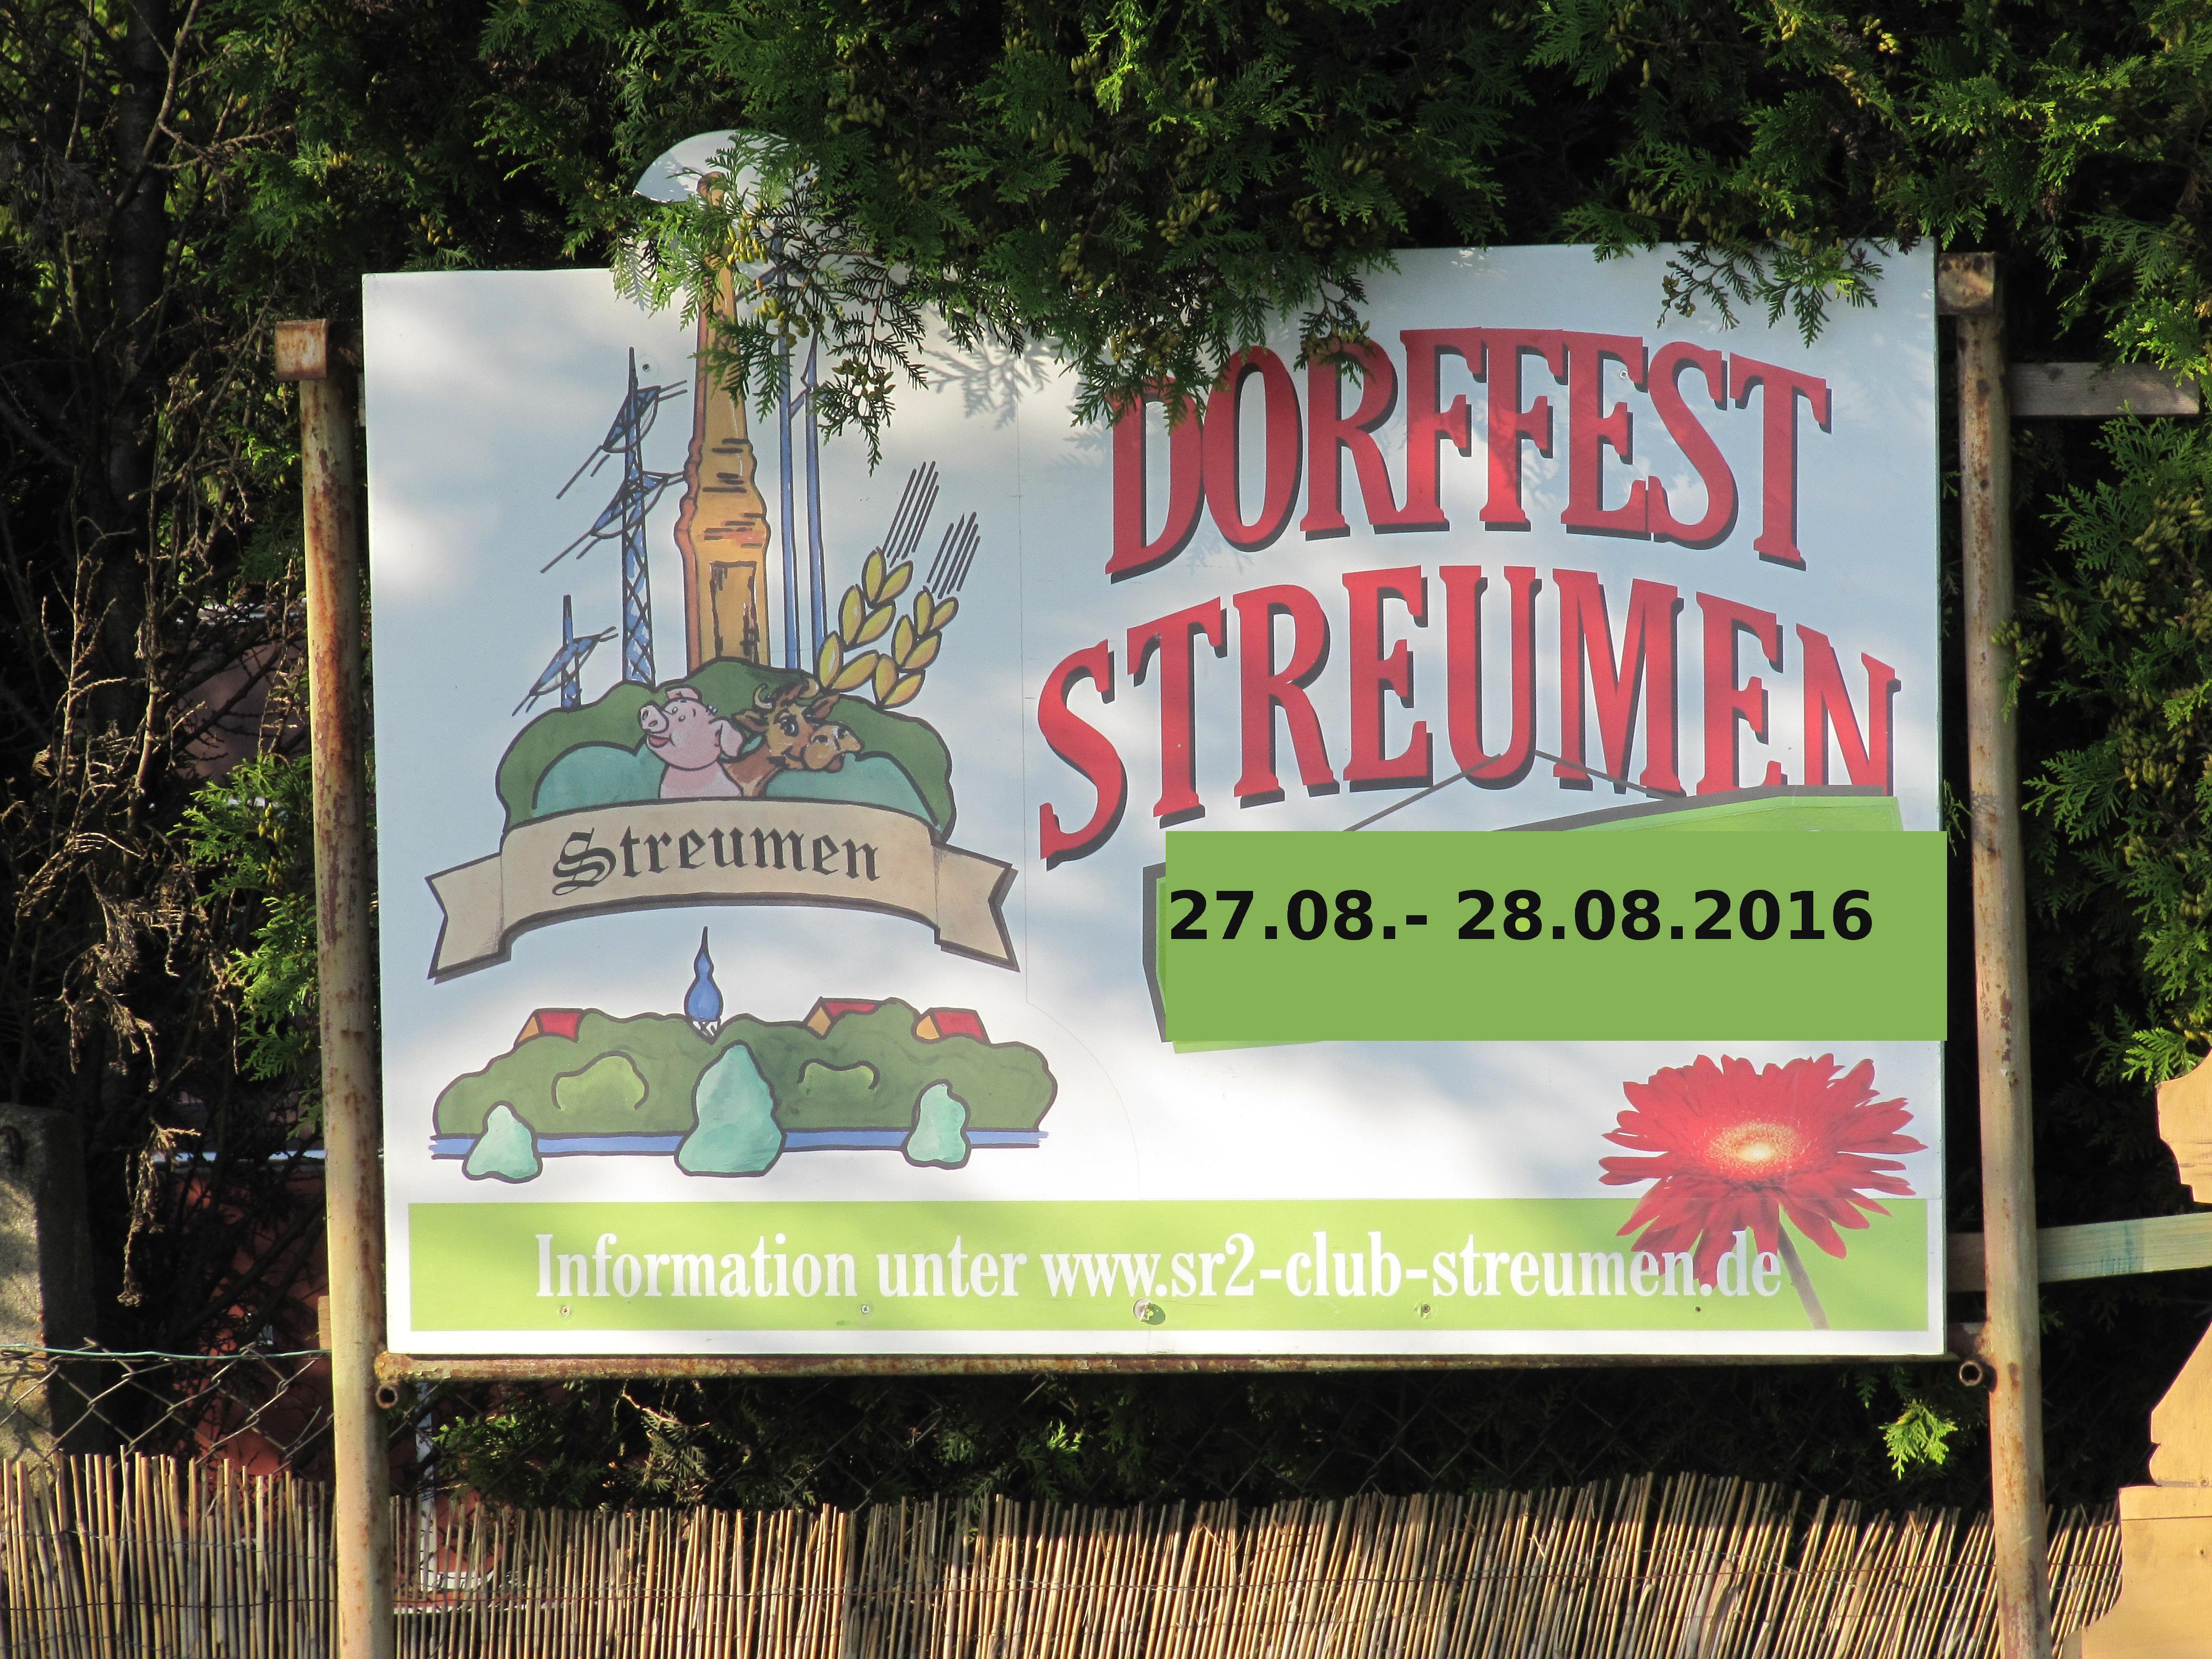 Dorffest Streumen